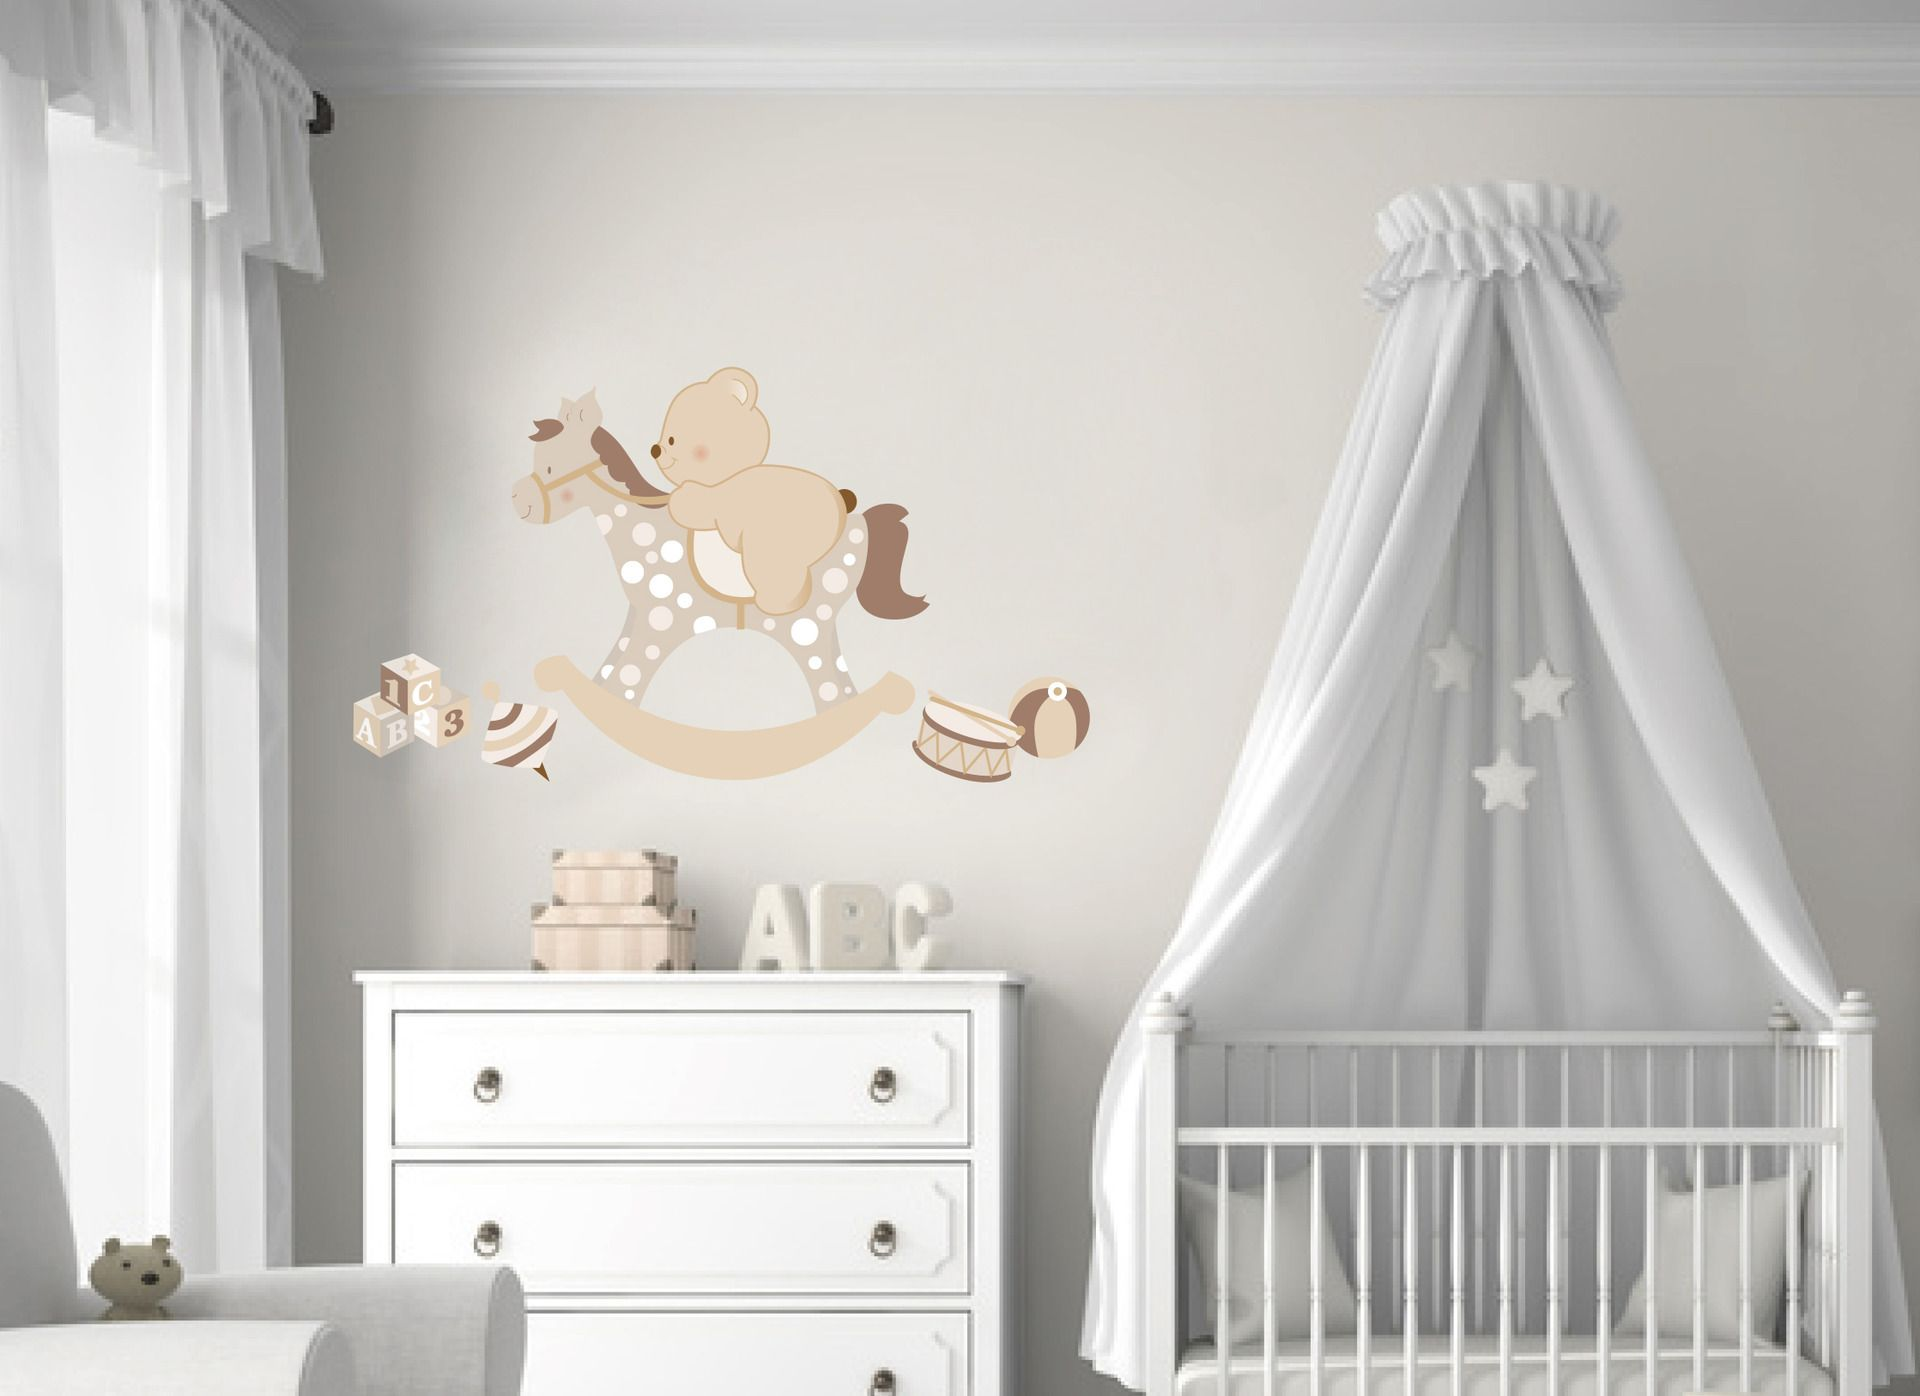 Decorazioni Per Camerette Bambini Fai Da Te : Decorazioni pareti camerette dei bambini